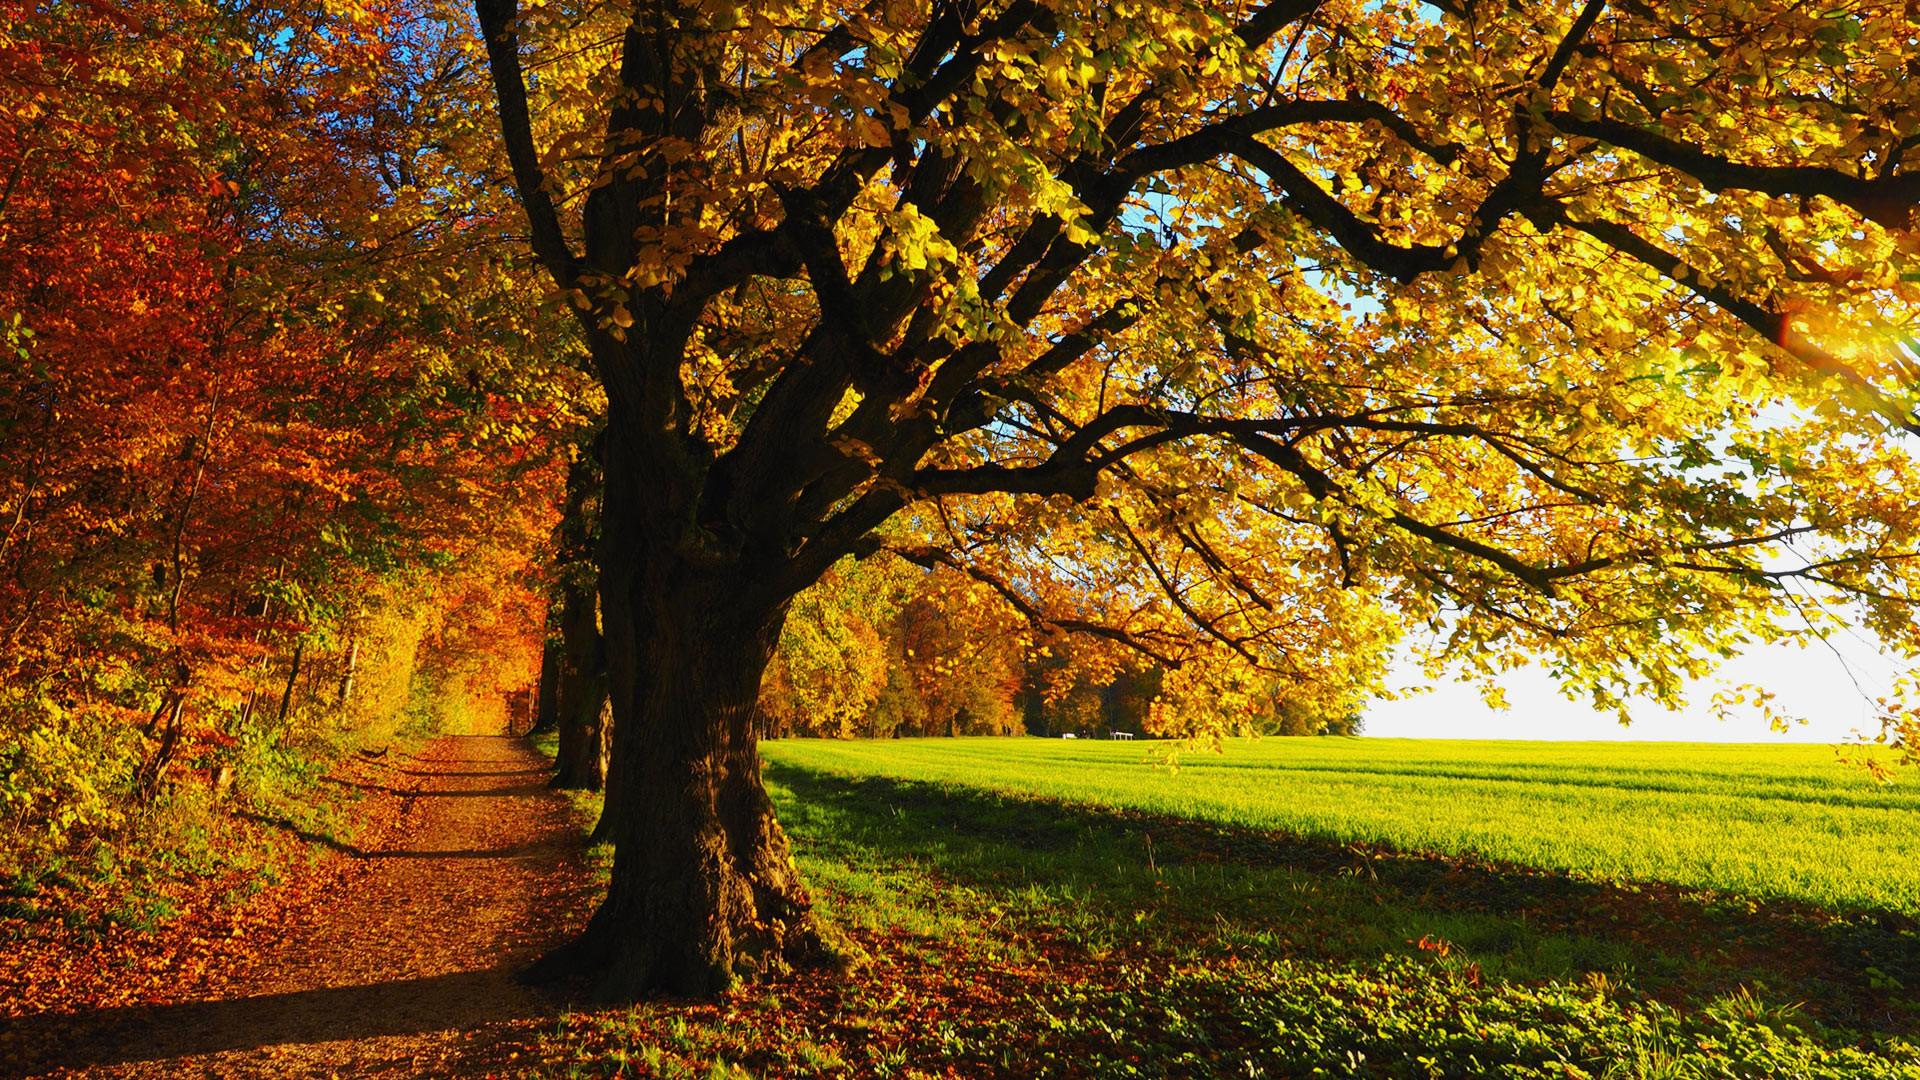 Fall Scenery Image HD.